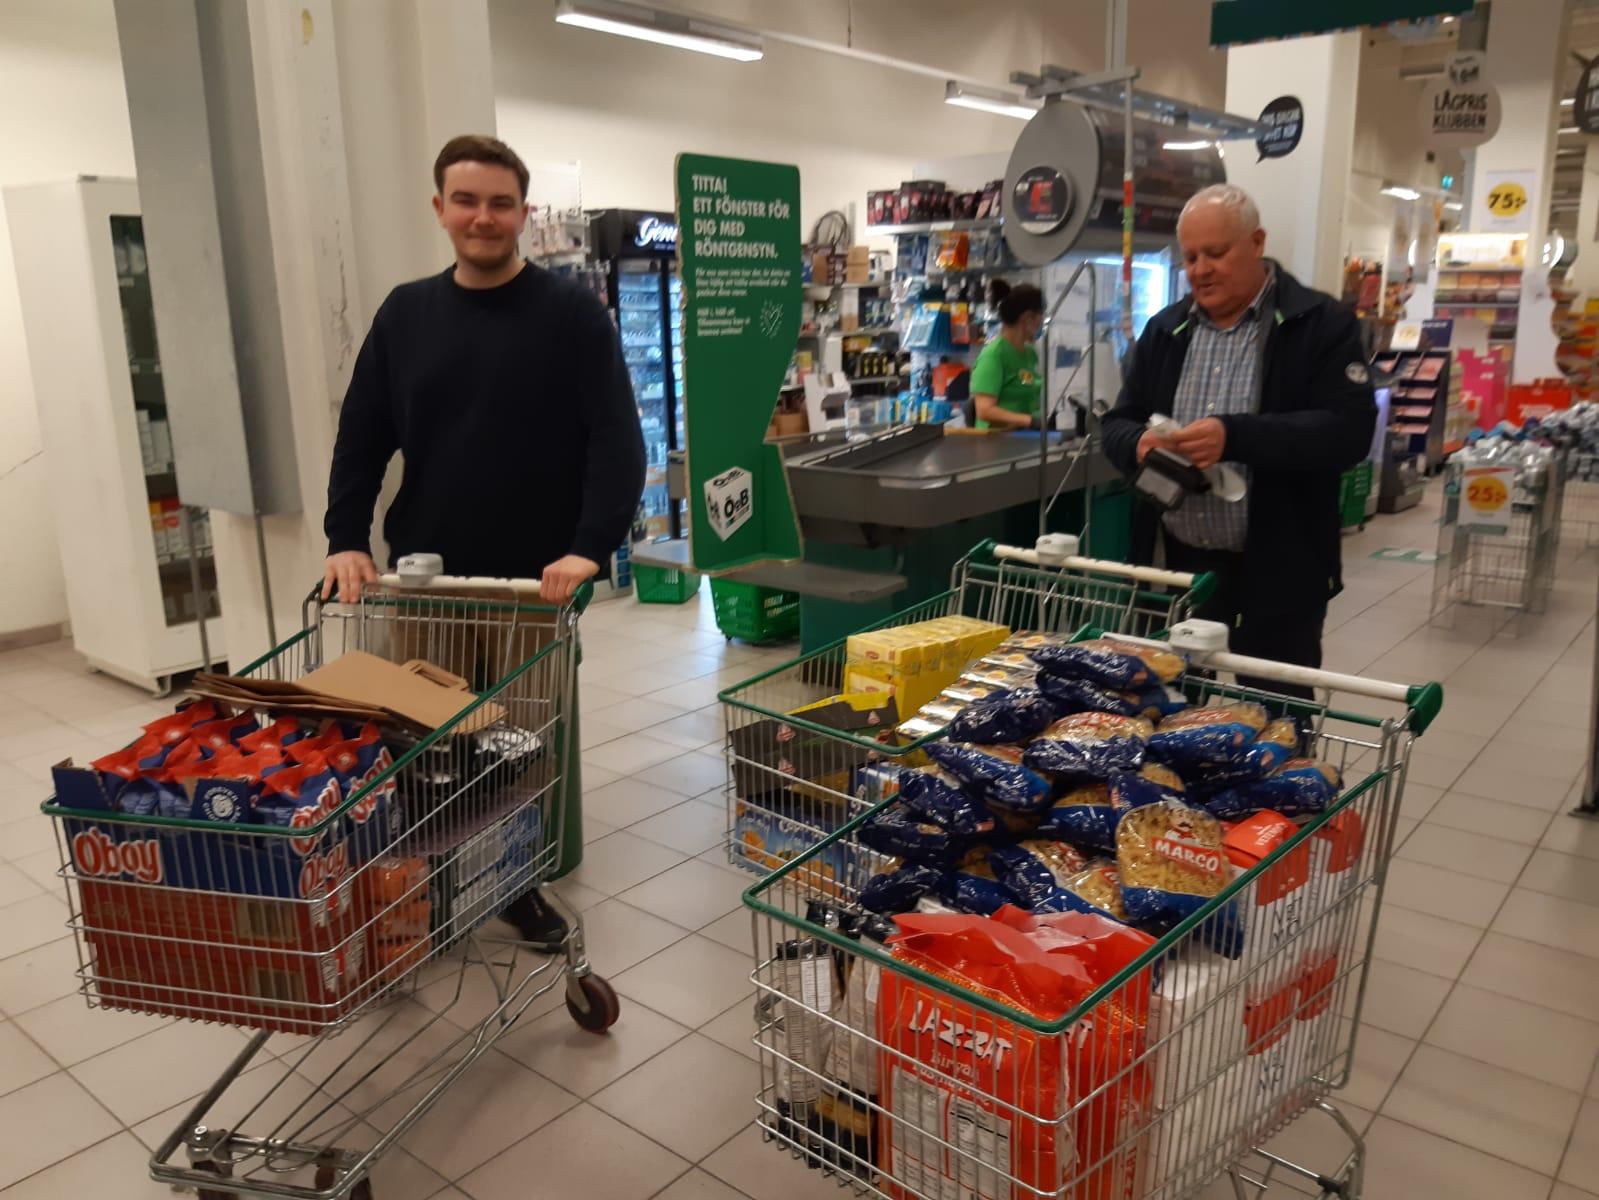 Pieter und Konrad bei Einkaufen für die Caritas